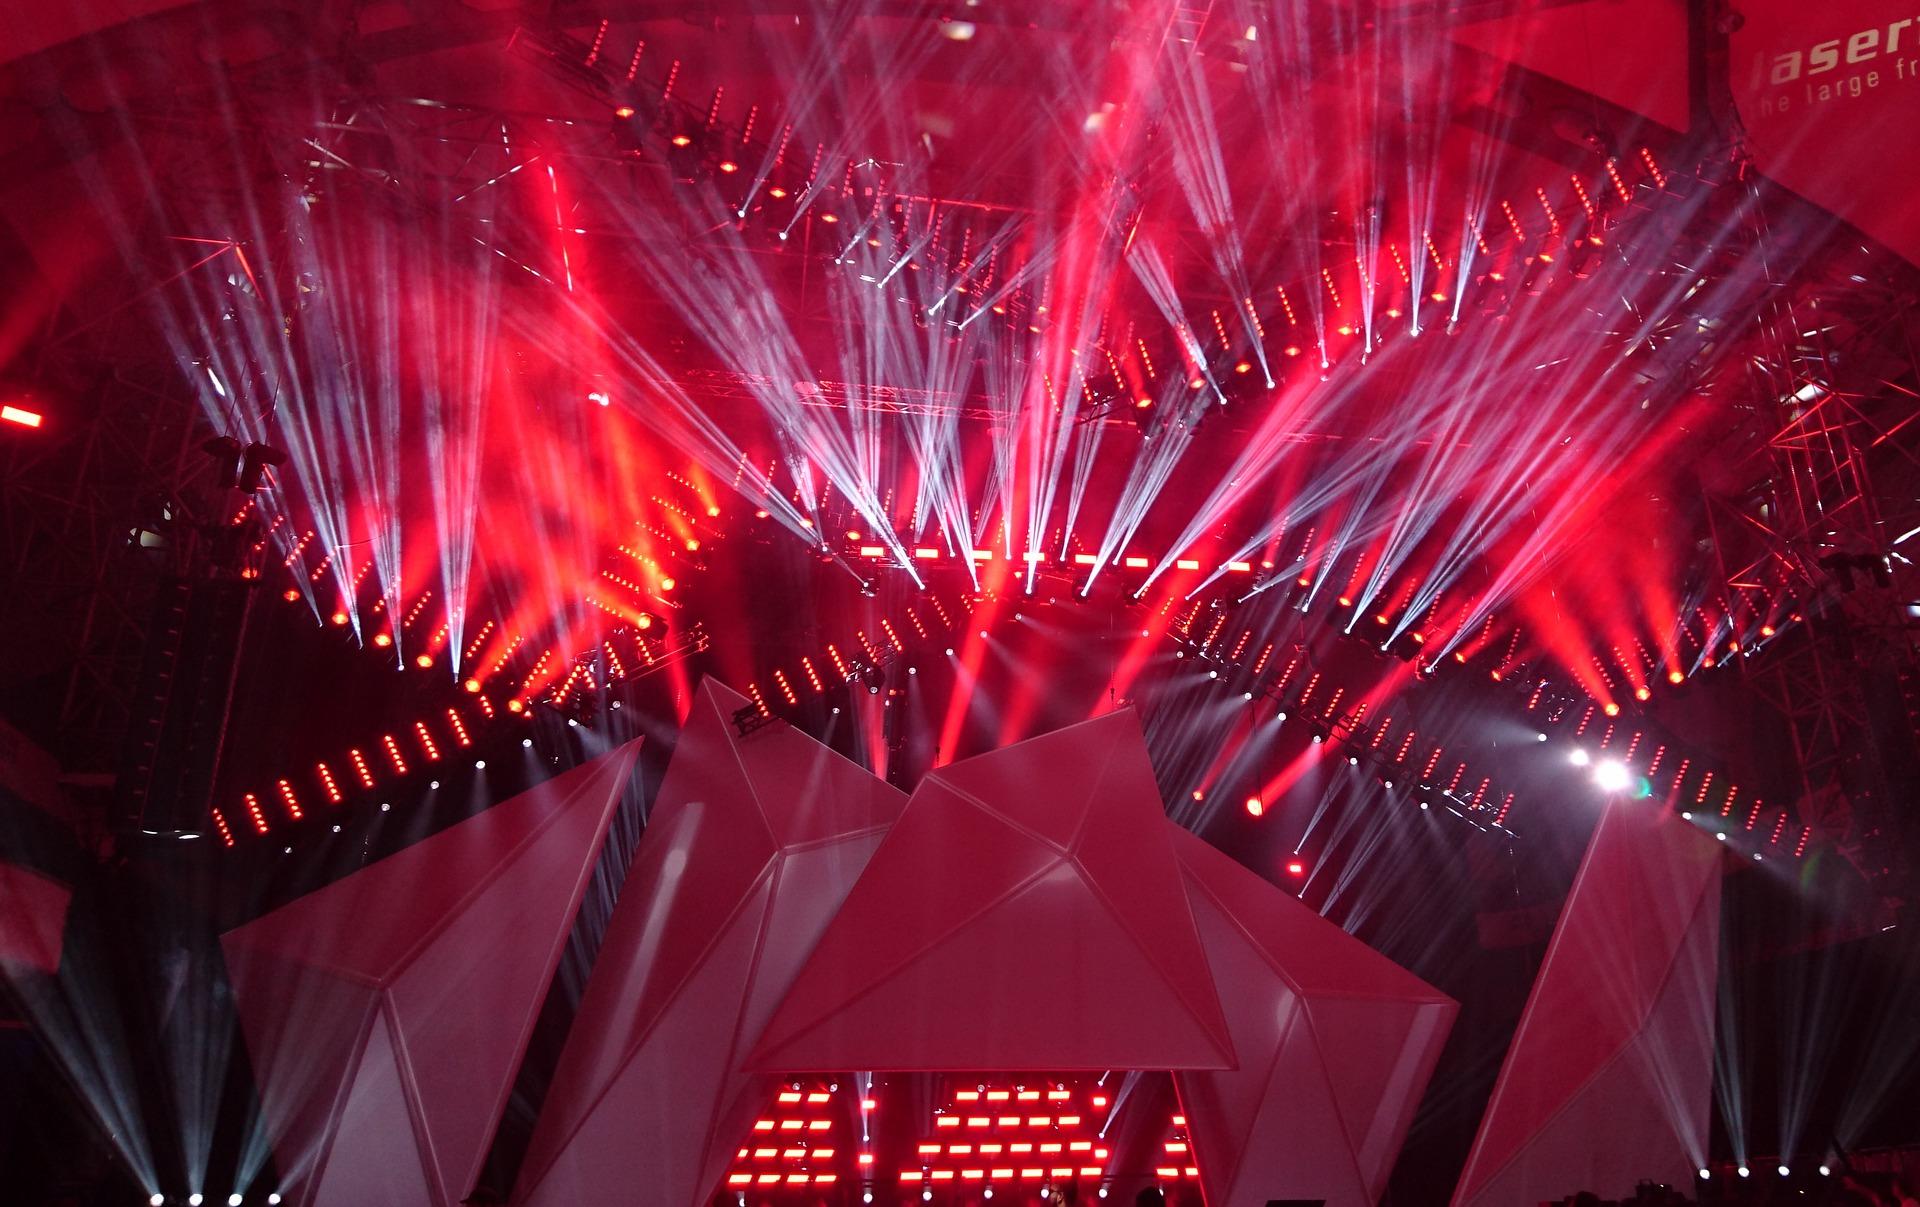 منصة روسيا الذكية في إكسبو Expo دبي